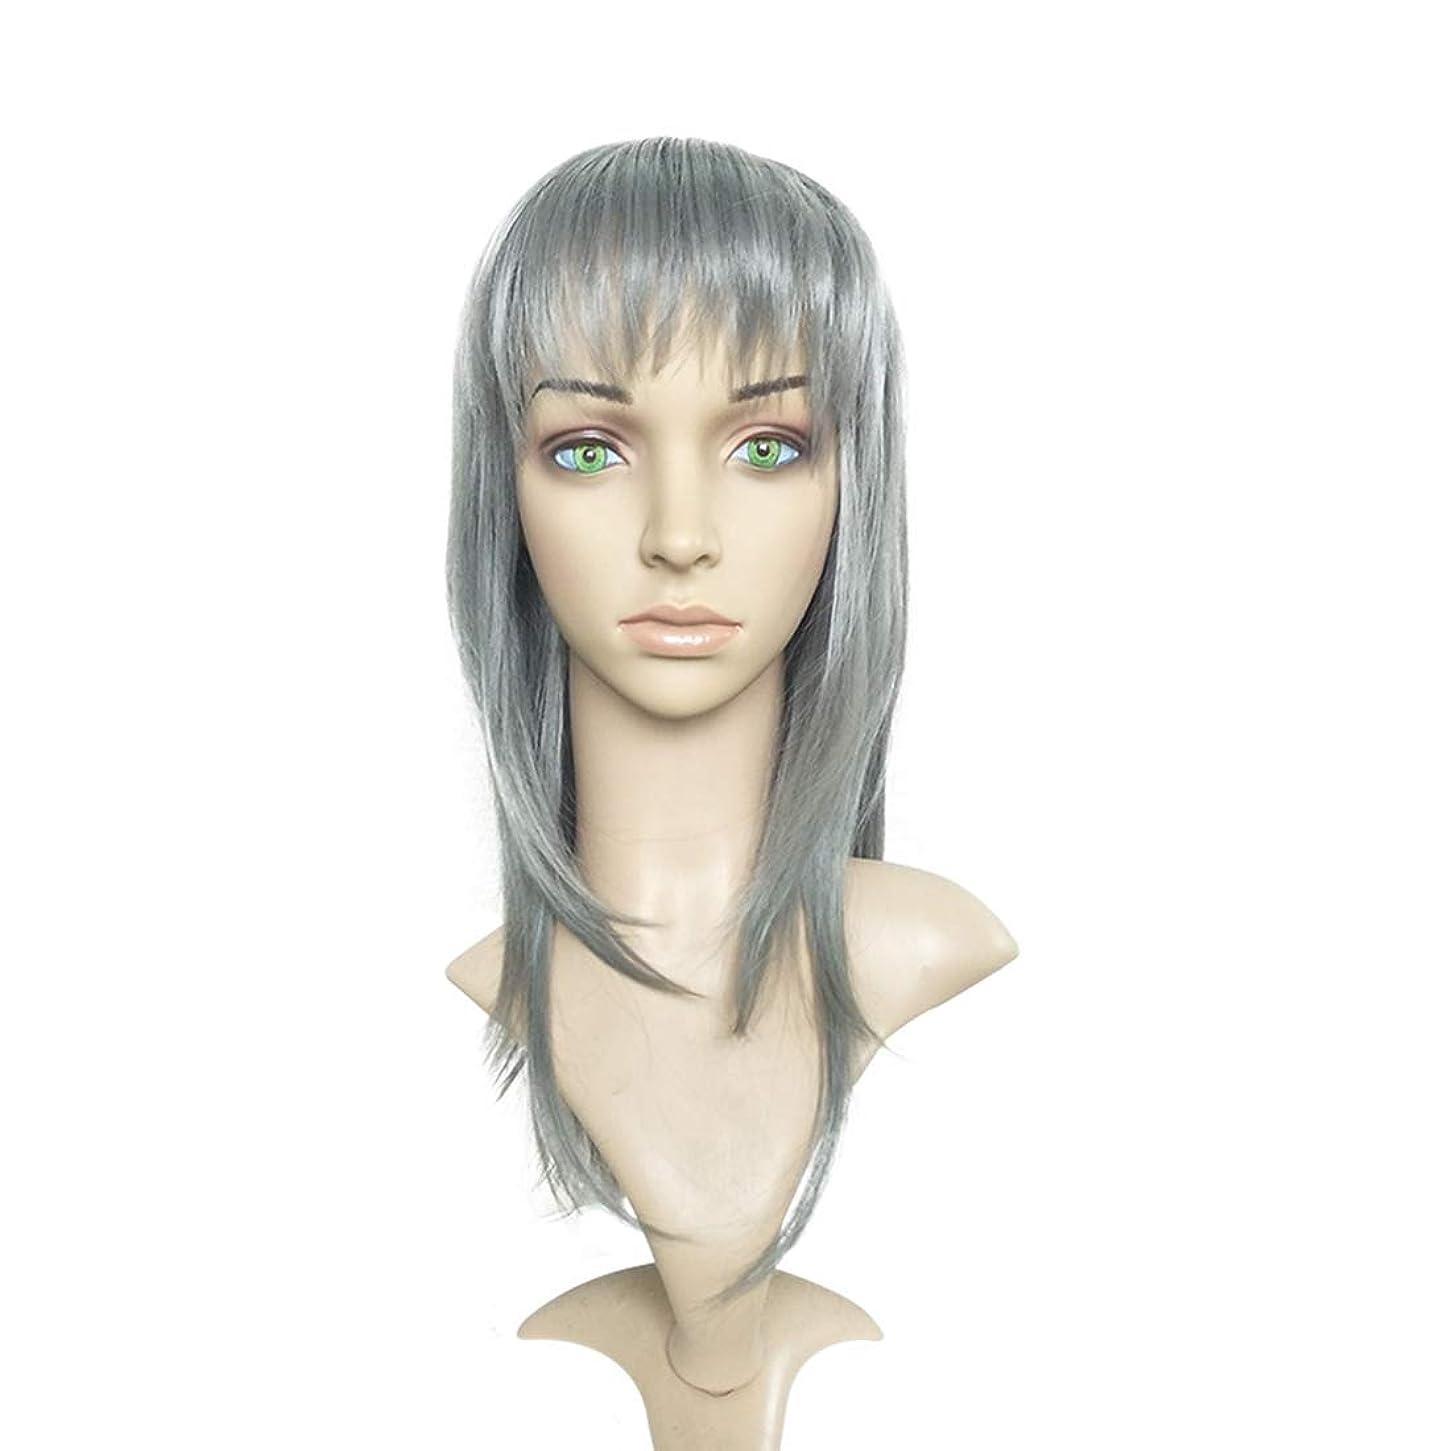 インデックス然とした出席JIANFU ヨーロッパとアメリカのパーティーウィッグシルバーグレーブロークンバングストレートヘアウィッグ (Color : Silver gray)